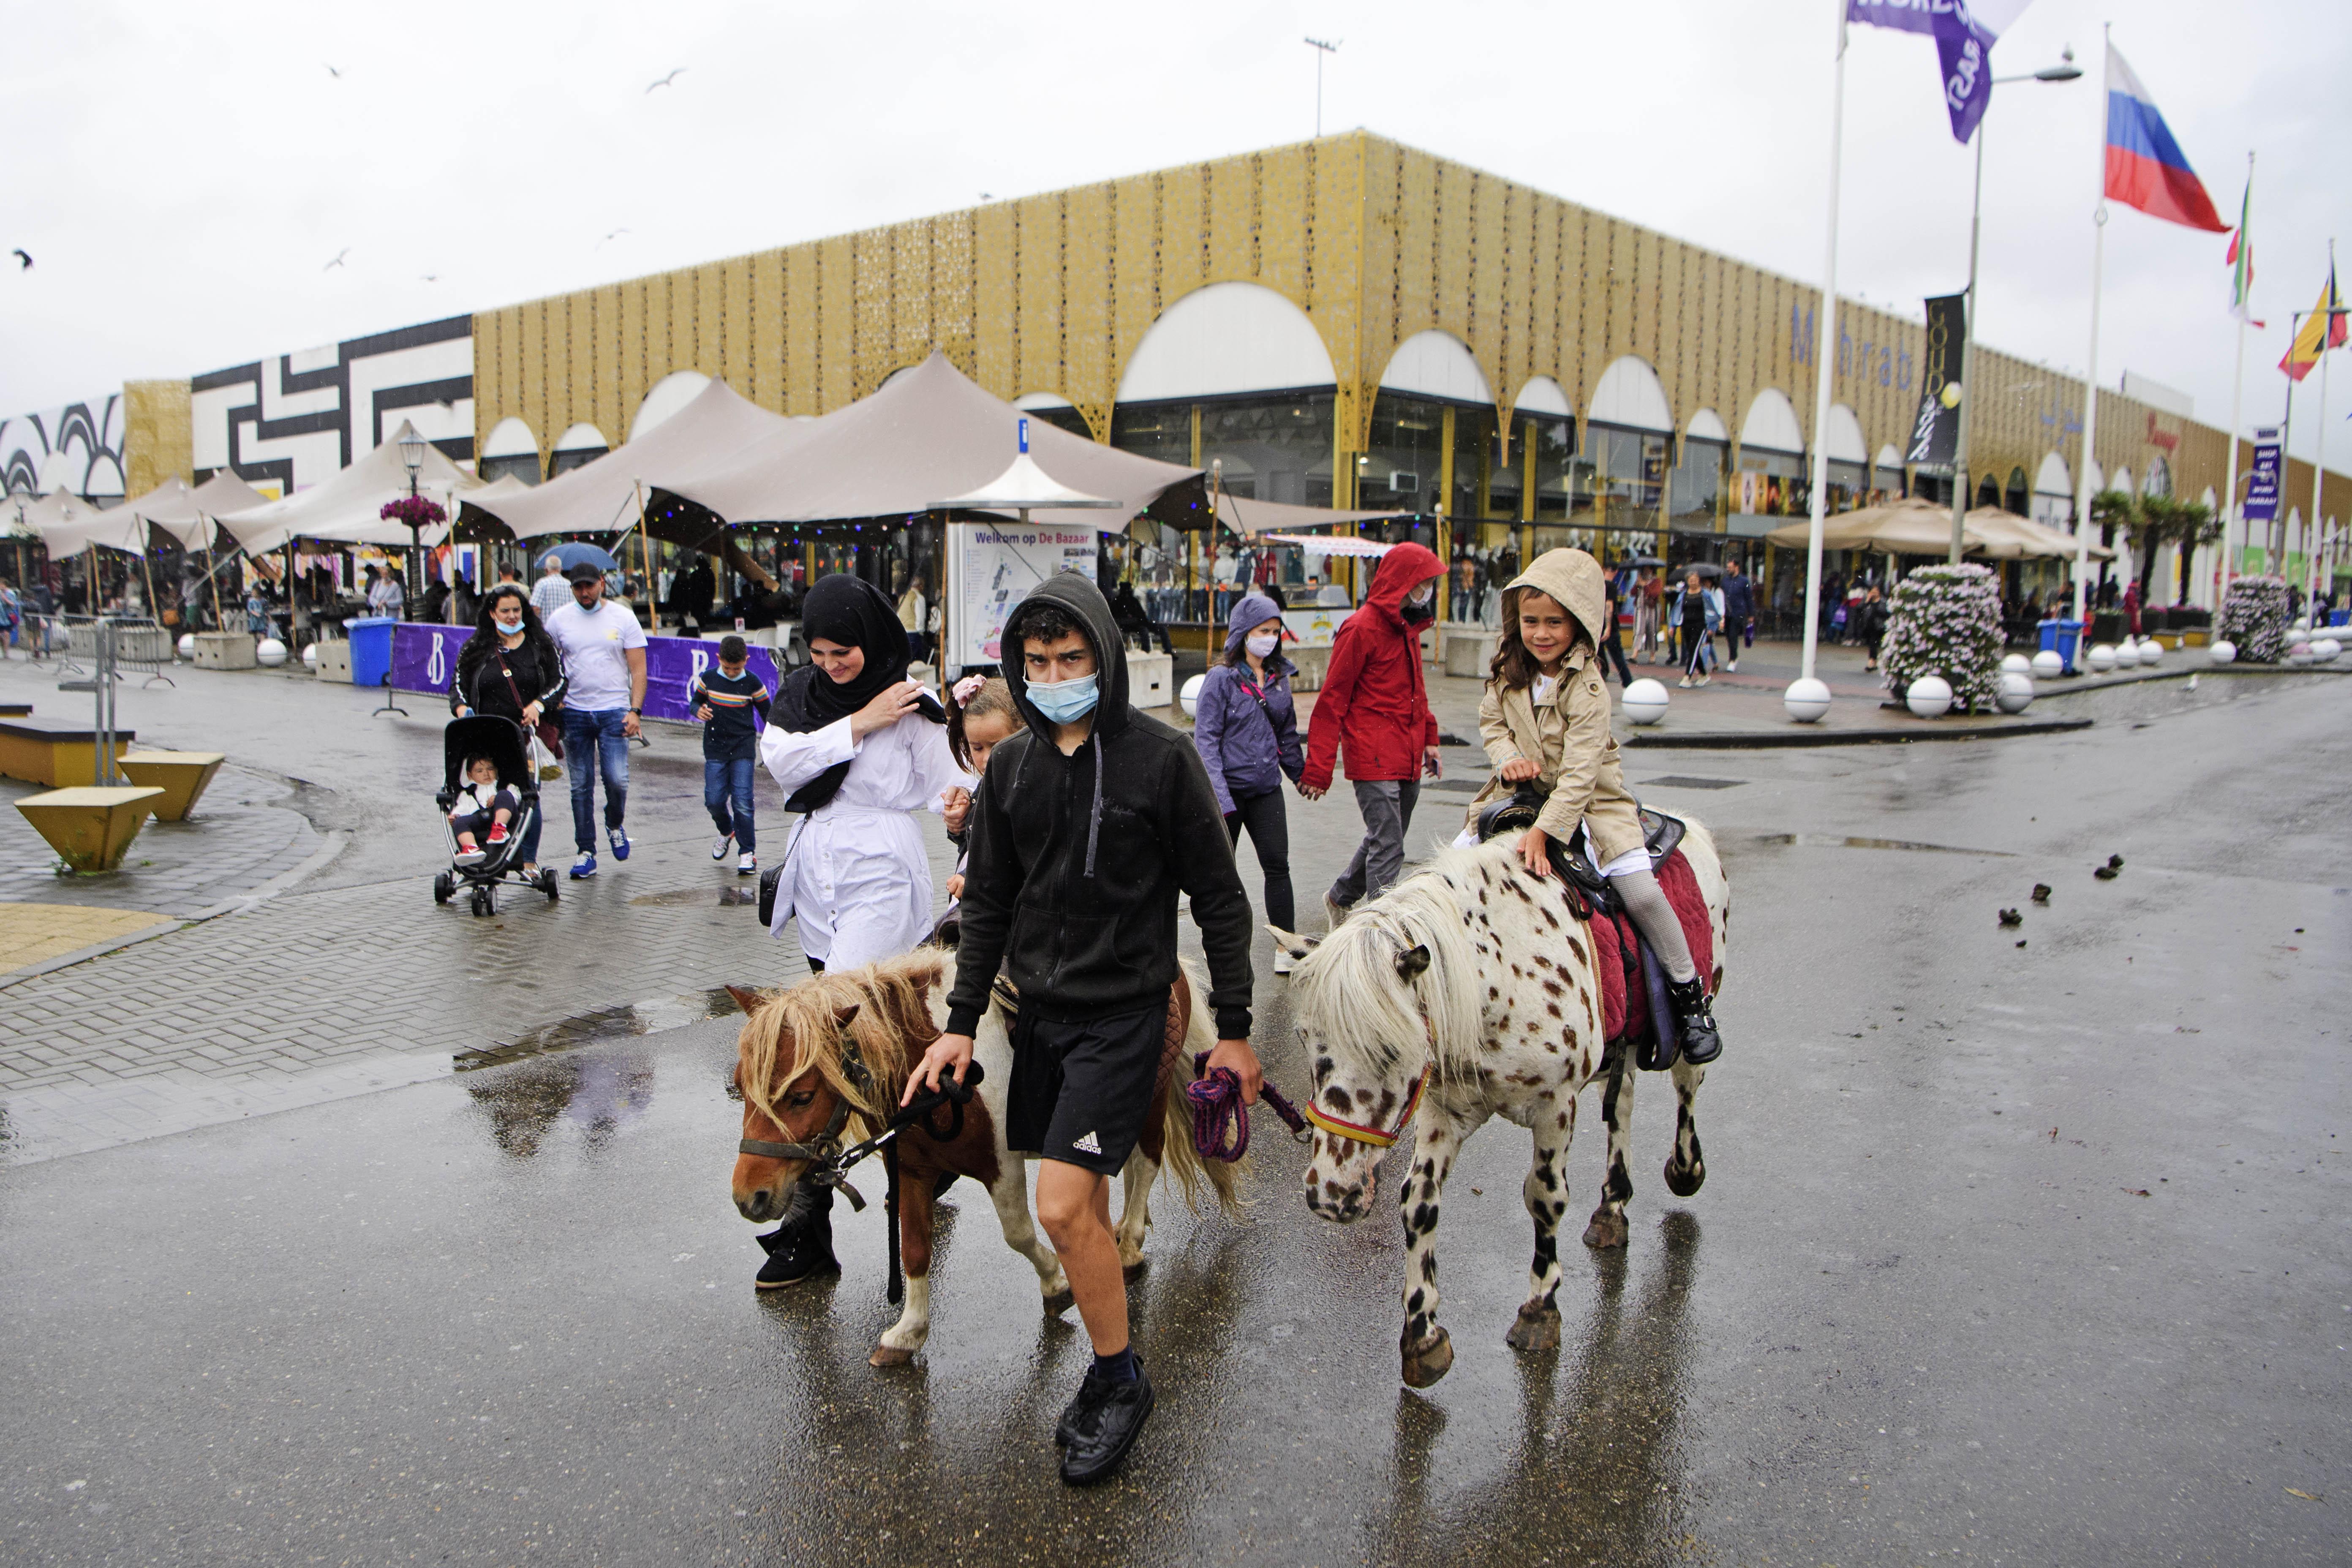 Een foto van kinderen op twee pony's voor de Bazaar in Beverwijk